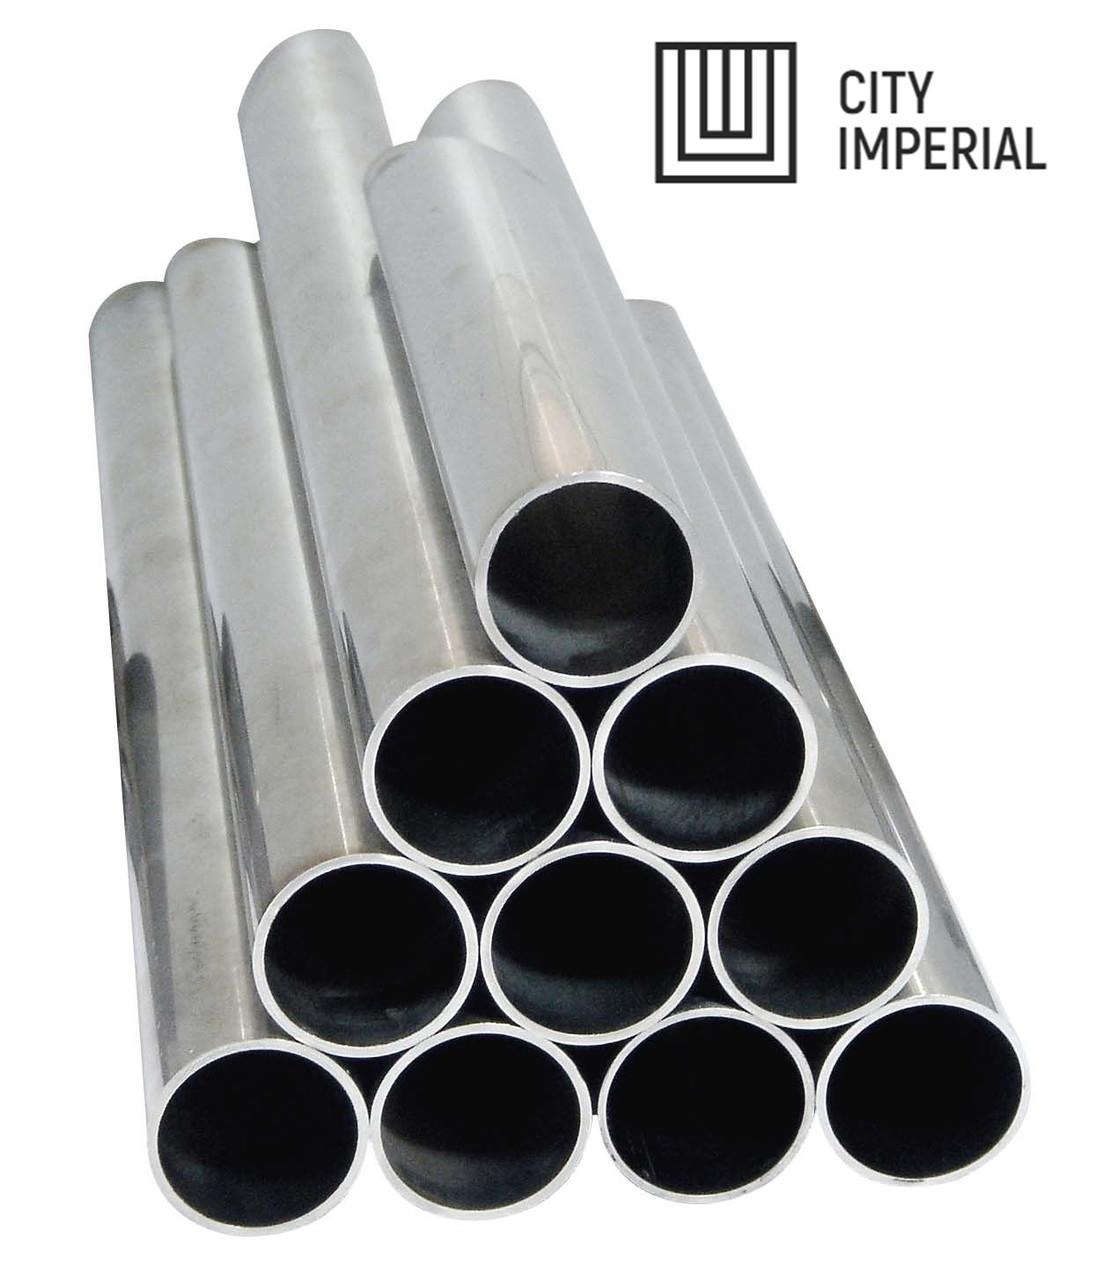 Труба оцинкованная ф114 х 4,5 ТУ 14-162-55-99